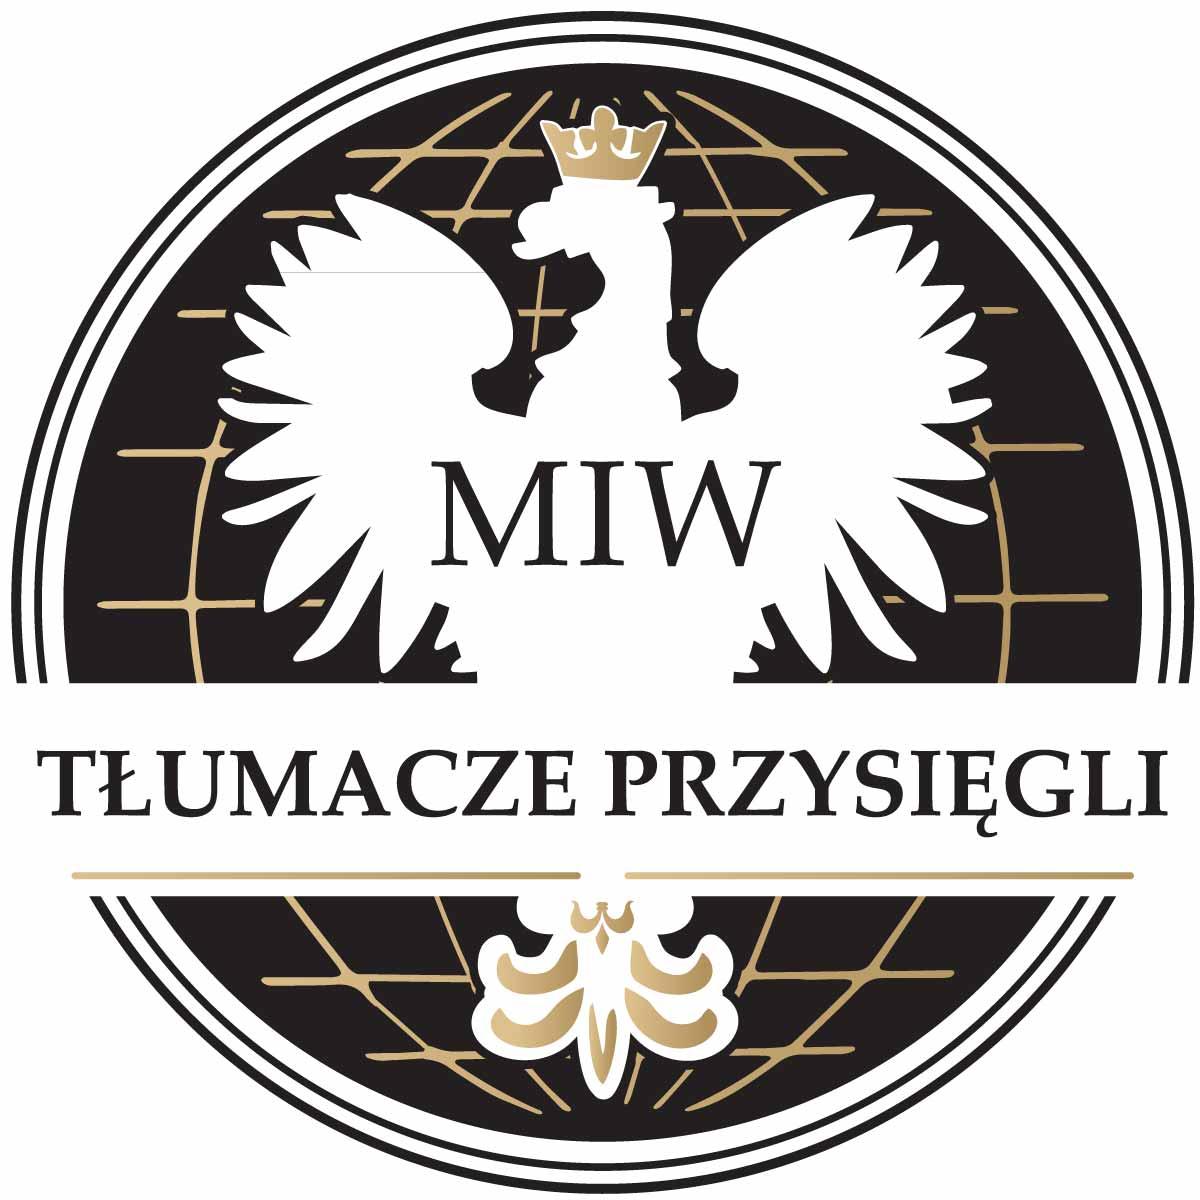 Uprawnienia tłumacza do poświadczania dokumentów obcojęzycznych